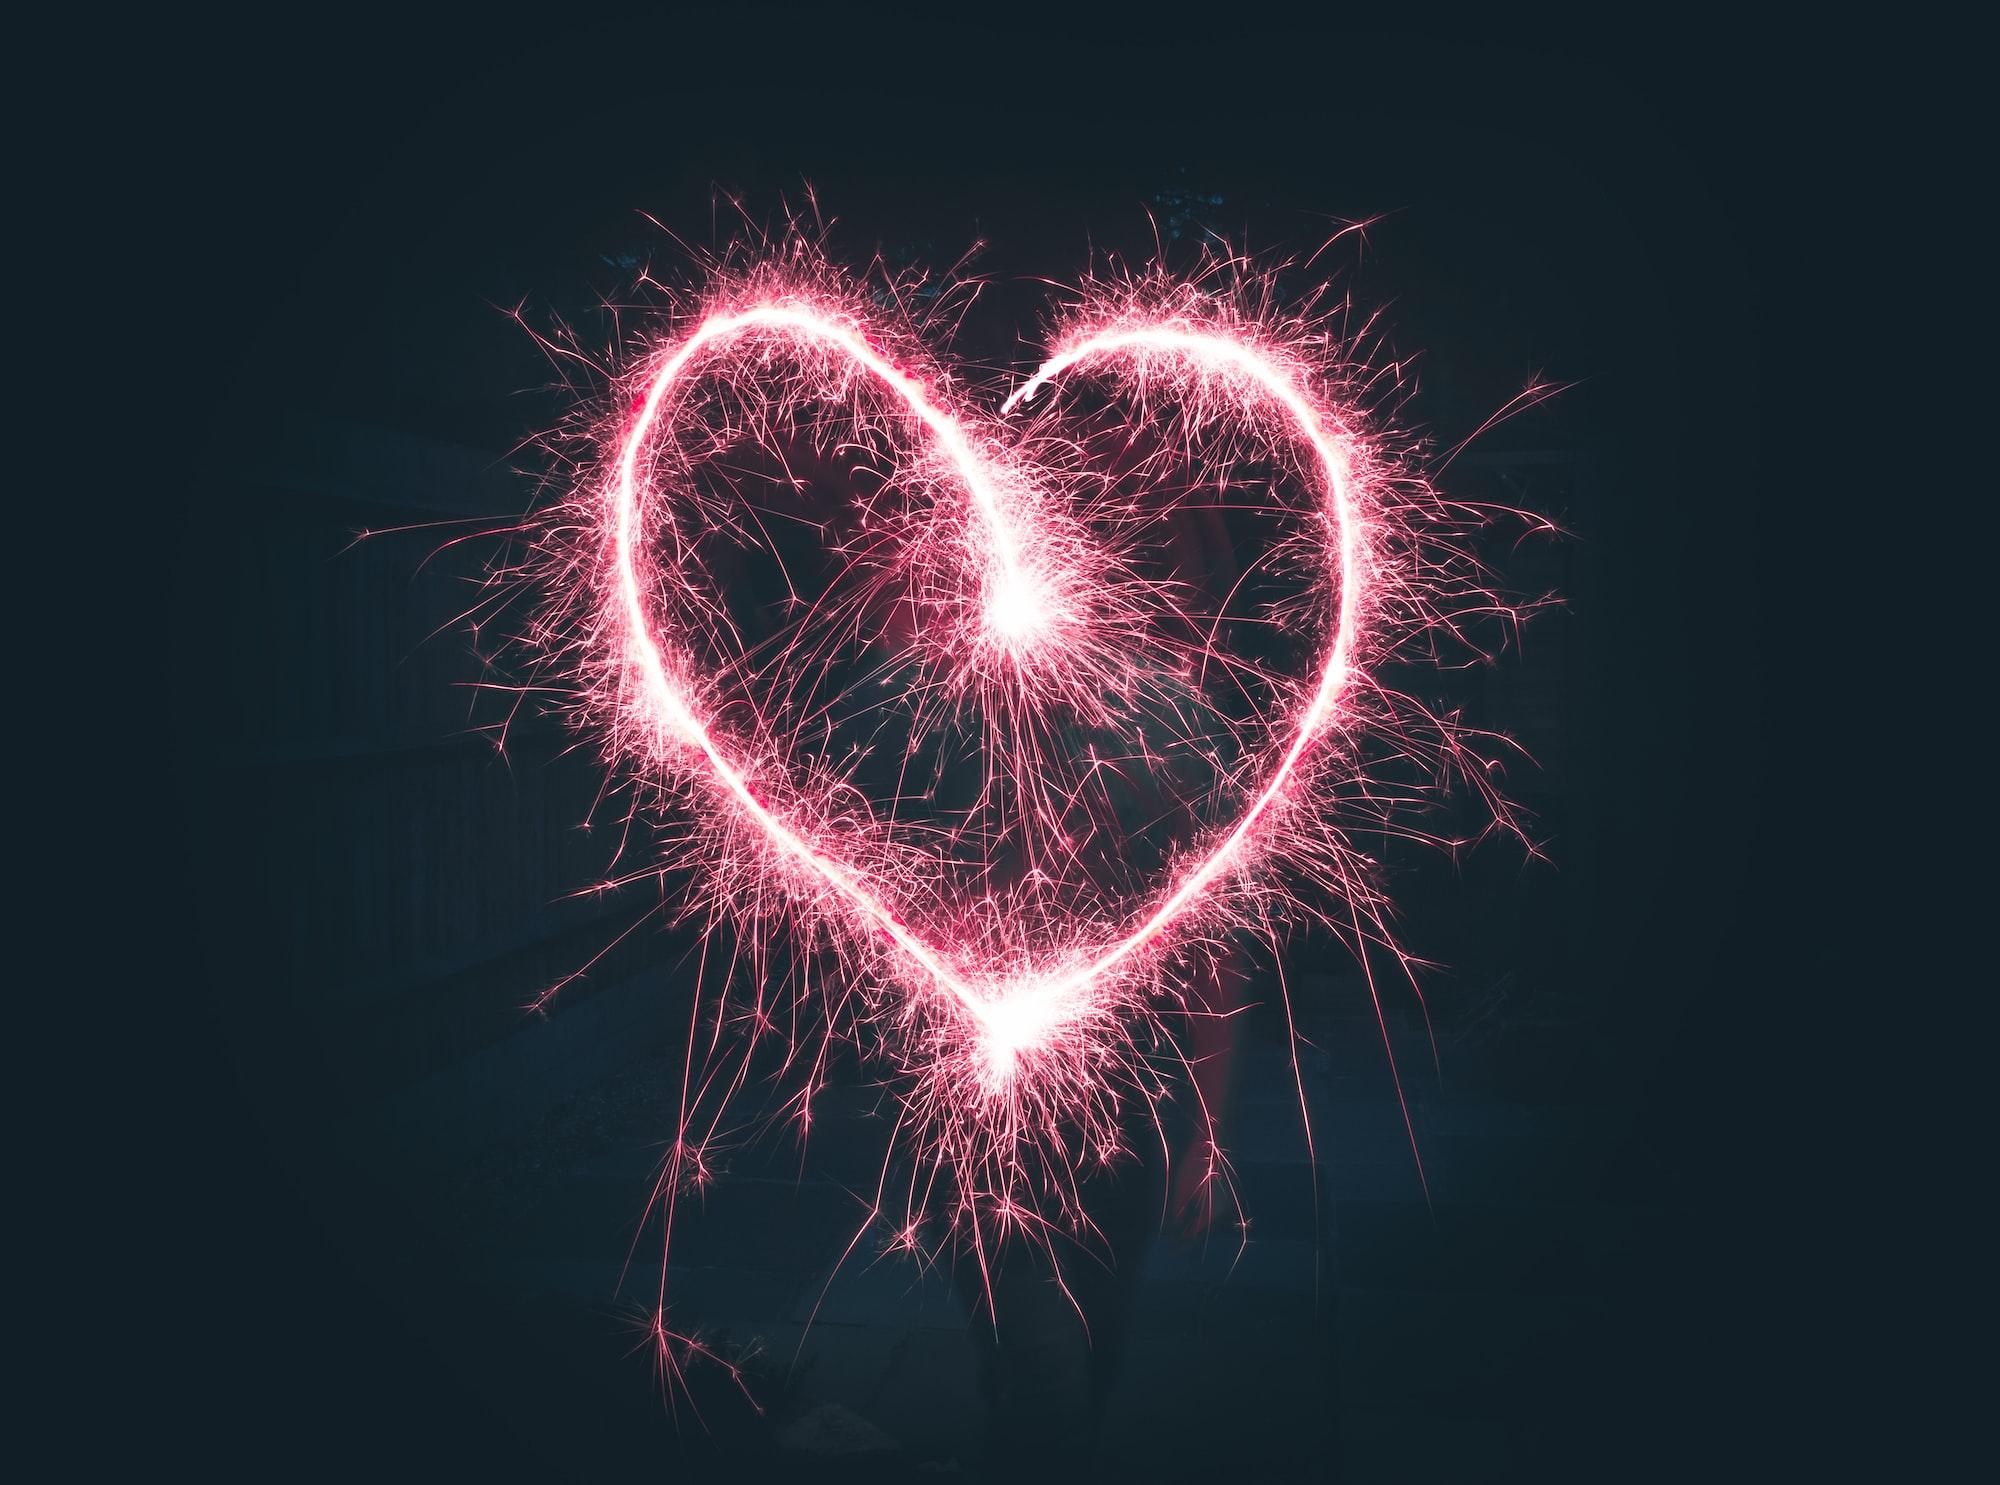 No Sparks, No Love